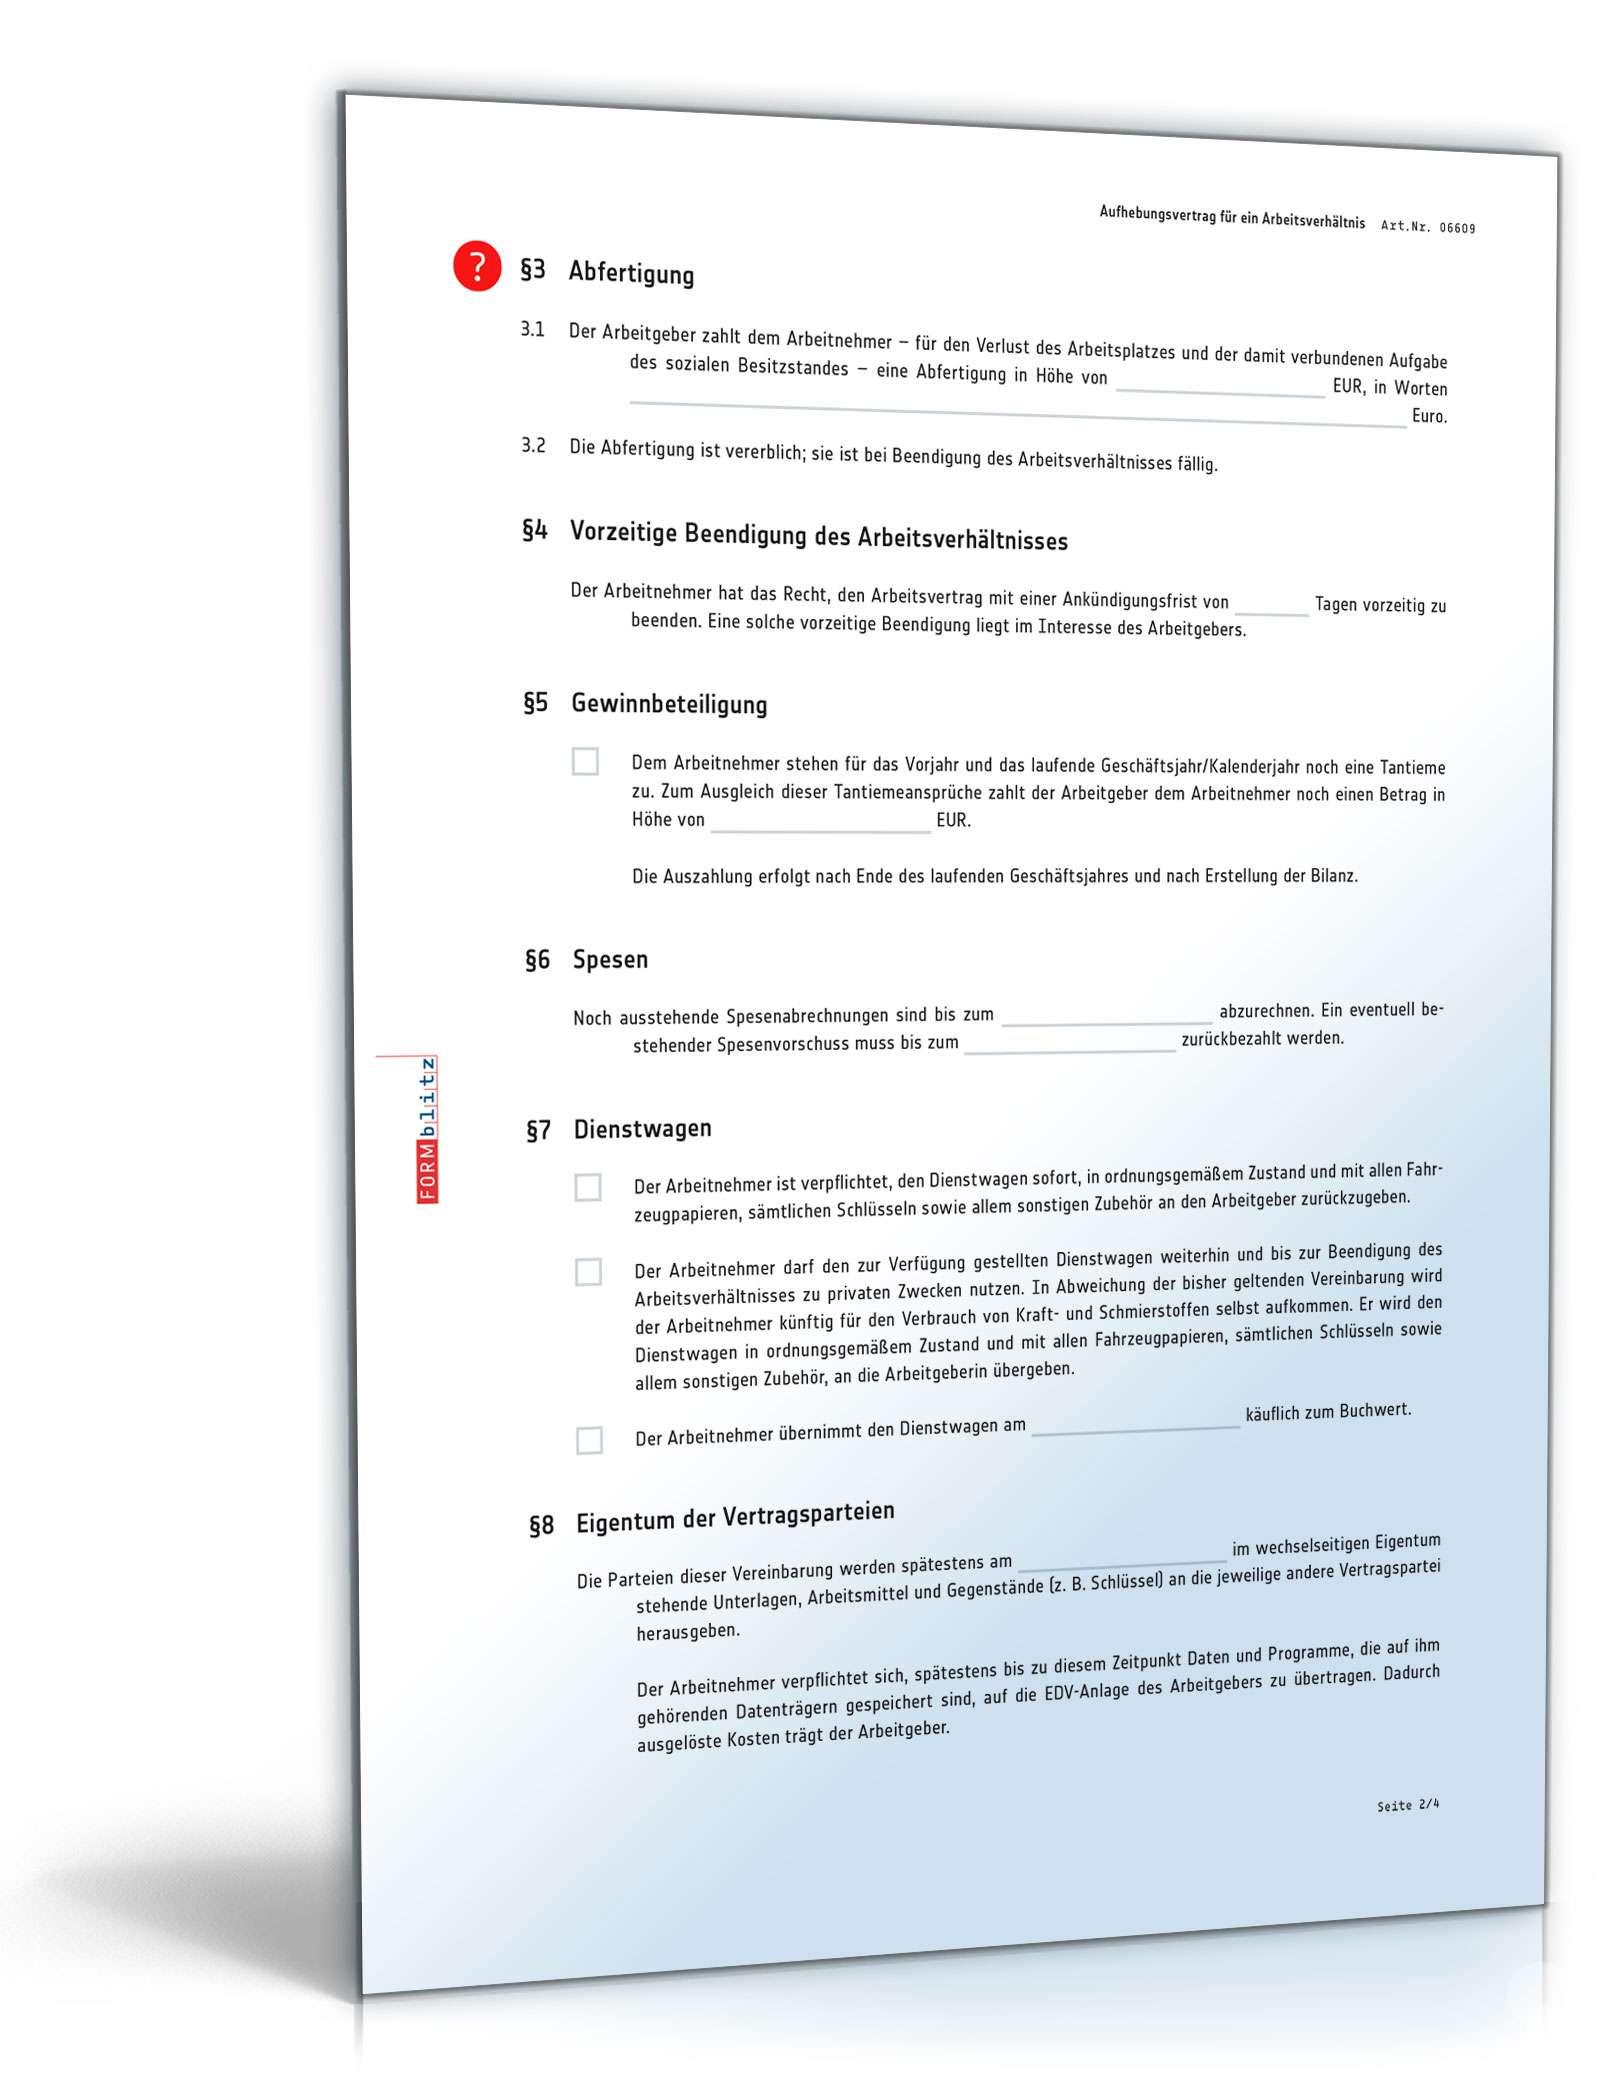 pdf seite 3 - Aufhebungsvertrag Auf Wunsch Des Arbeitnehmers Muster